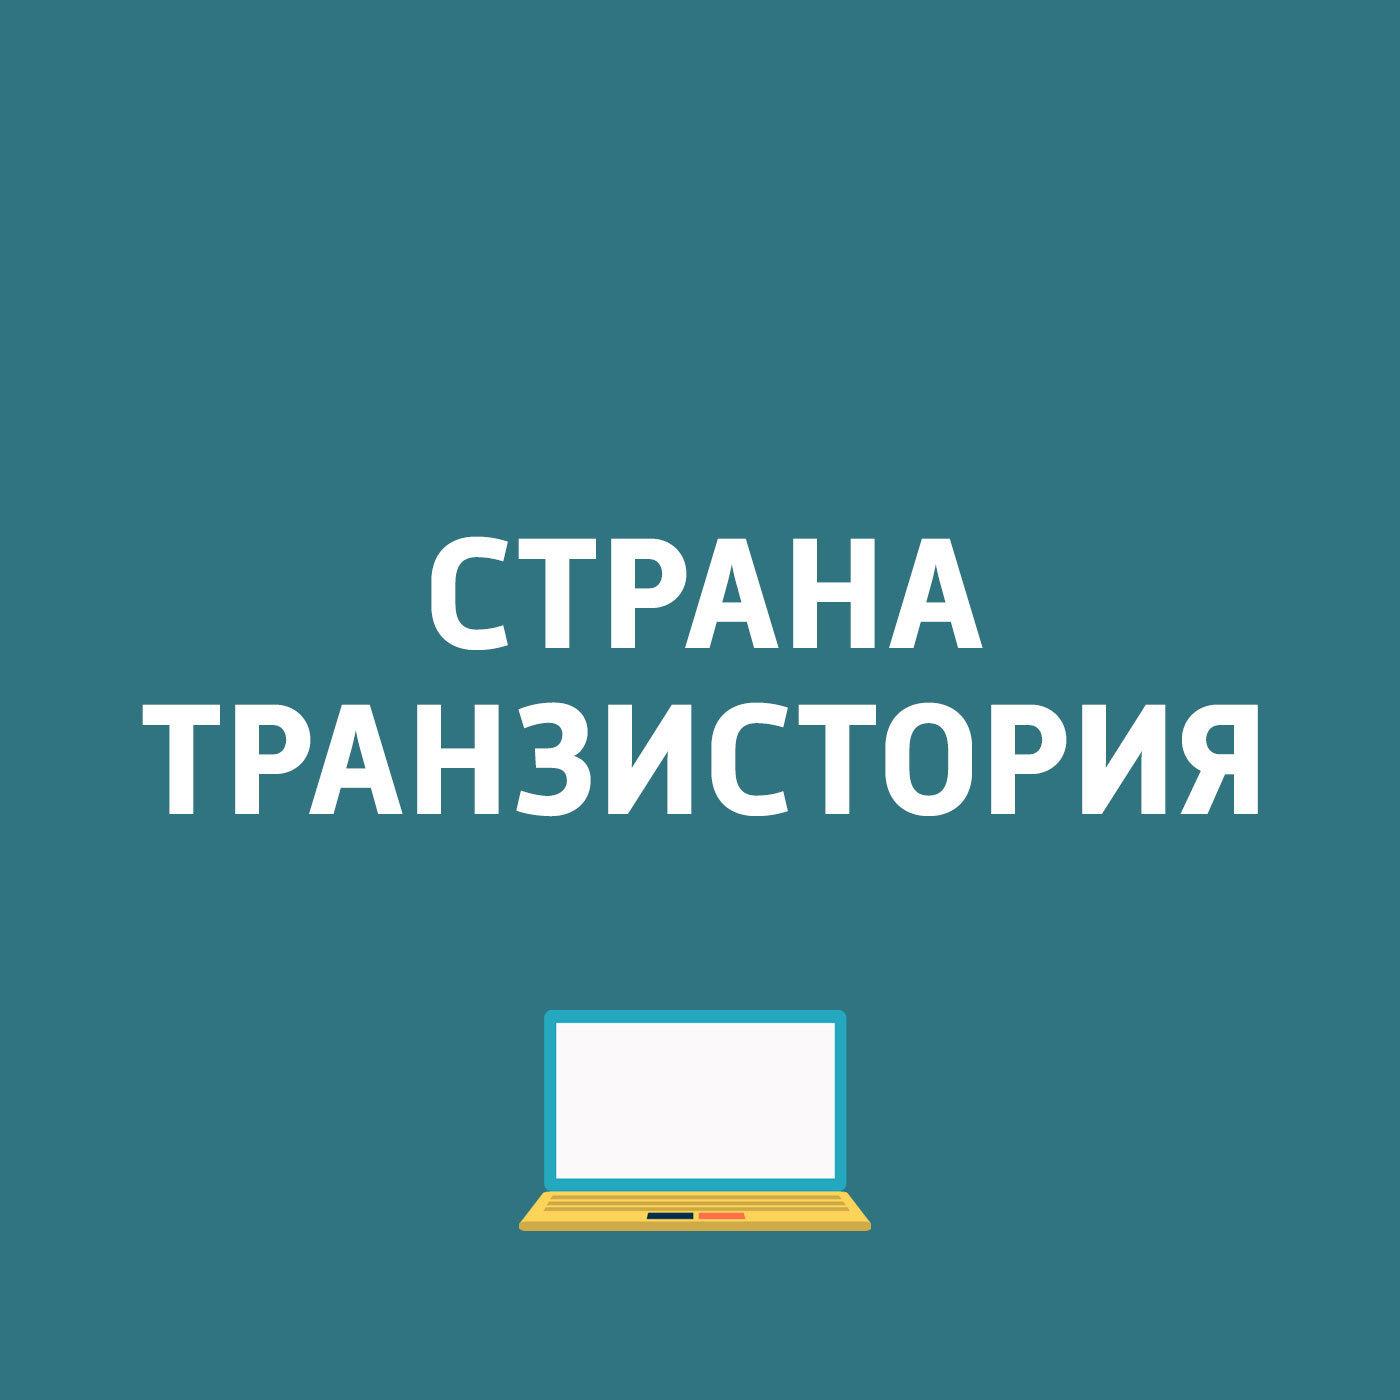 Картаев Павел 12 сентября состоится презентация компании Apple; ZTE Blade V9 Vita представлен в России яндекс